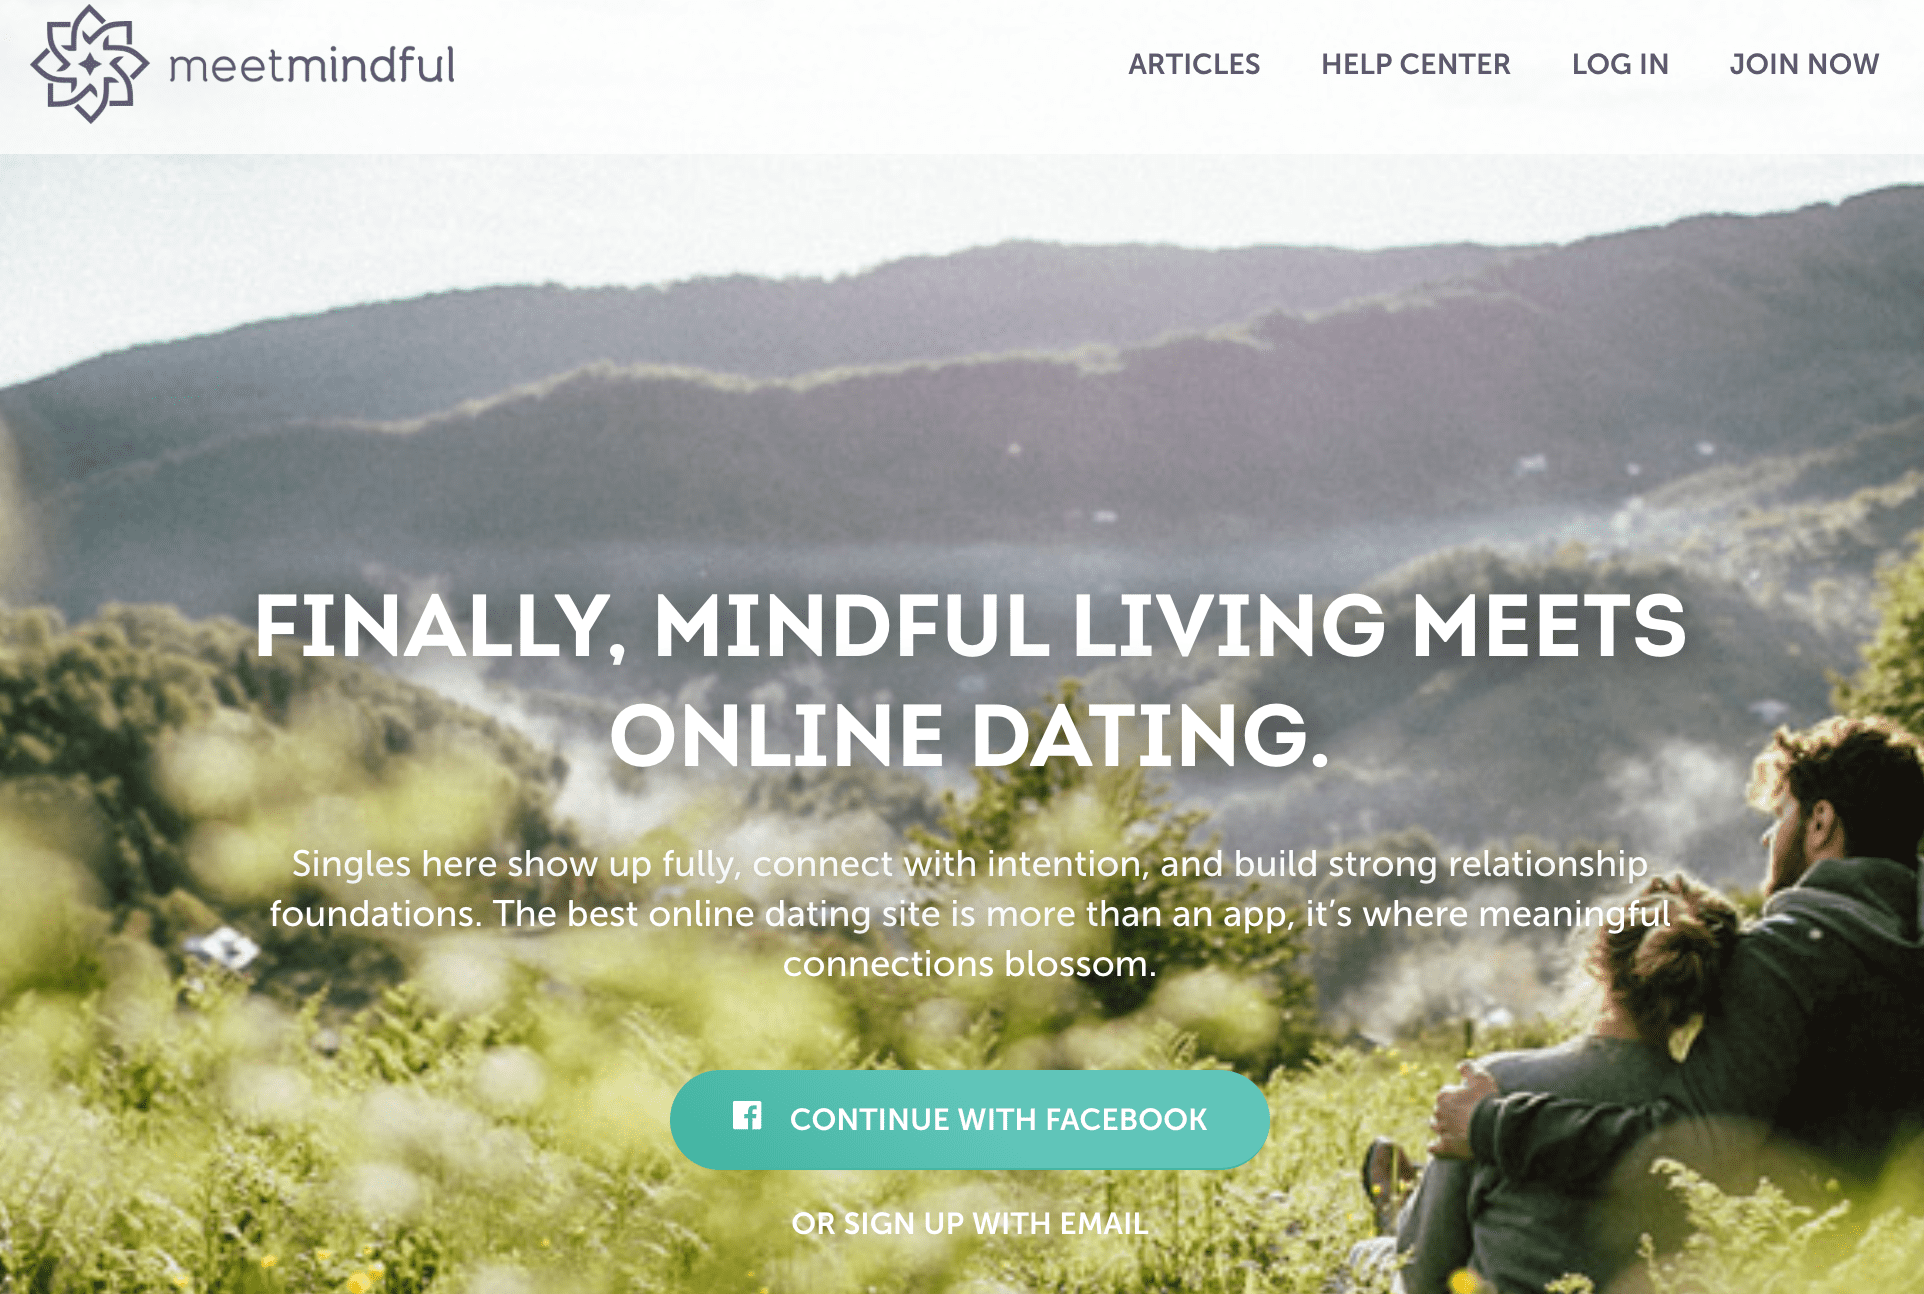 Meet Mindful registration